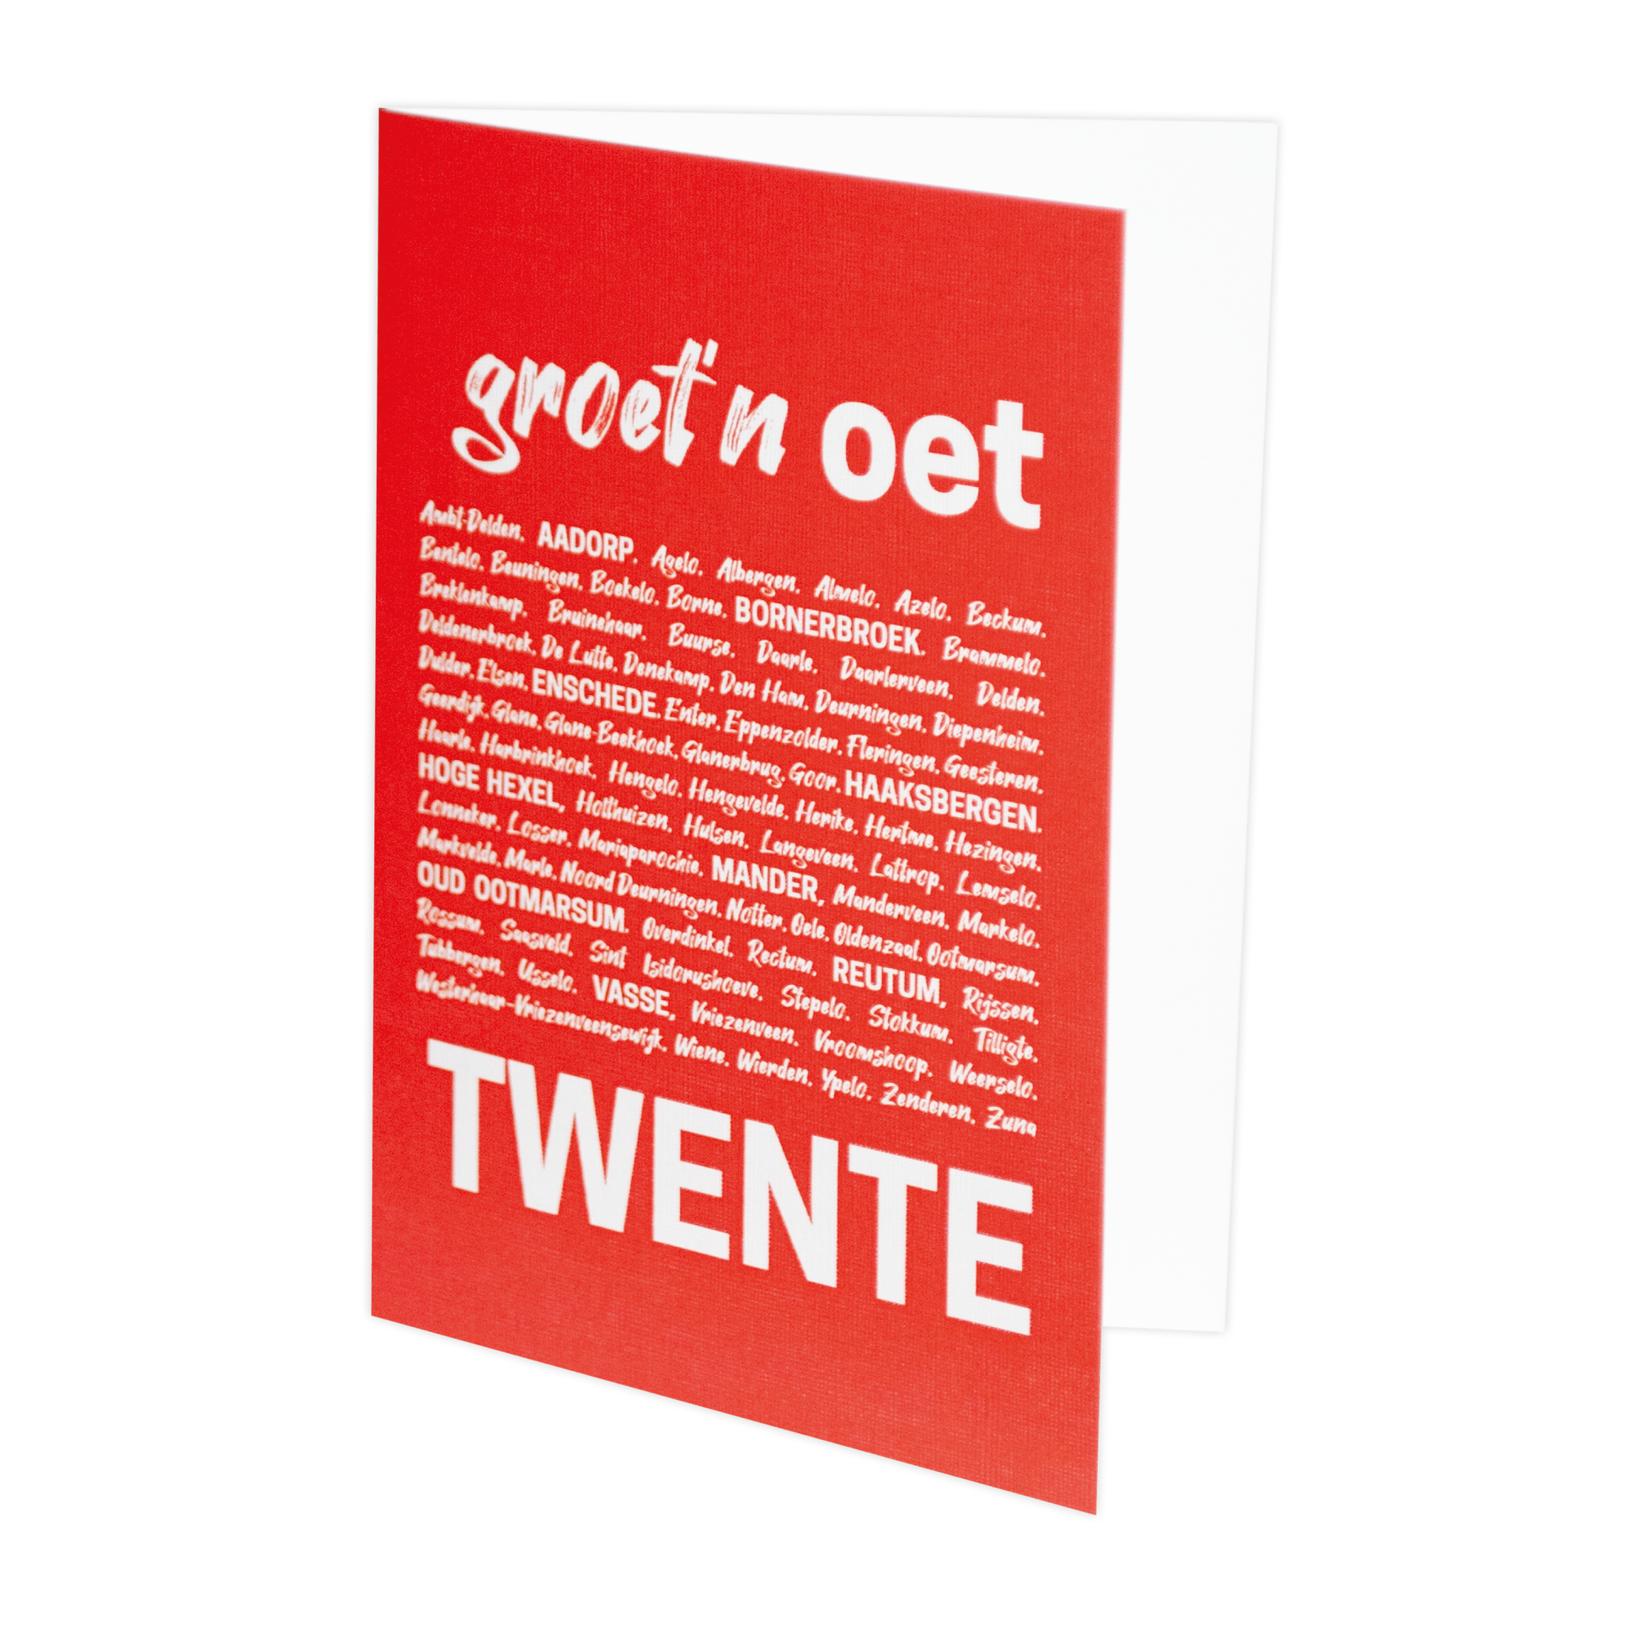 Krulz Kaart Groet'n oet Twente